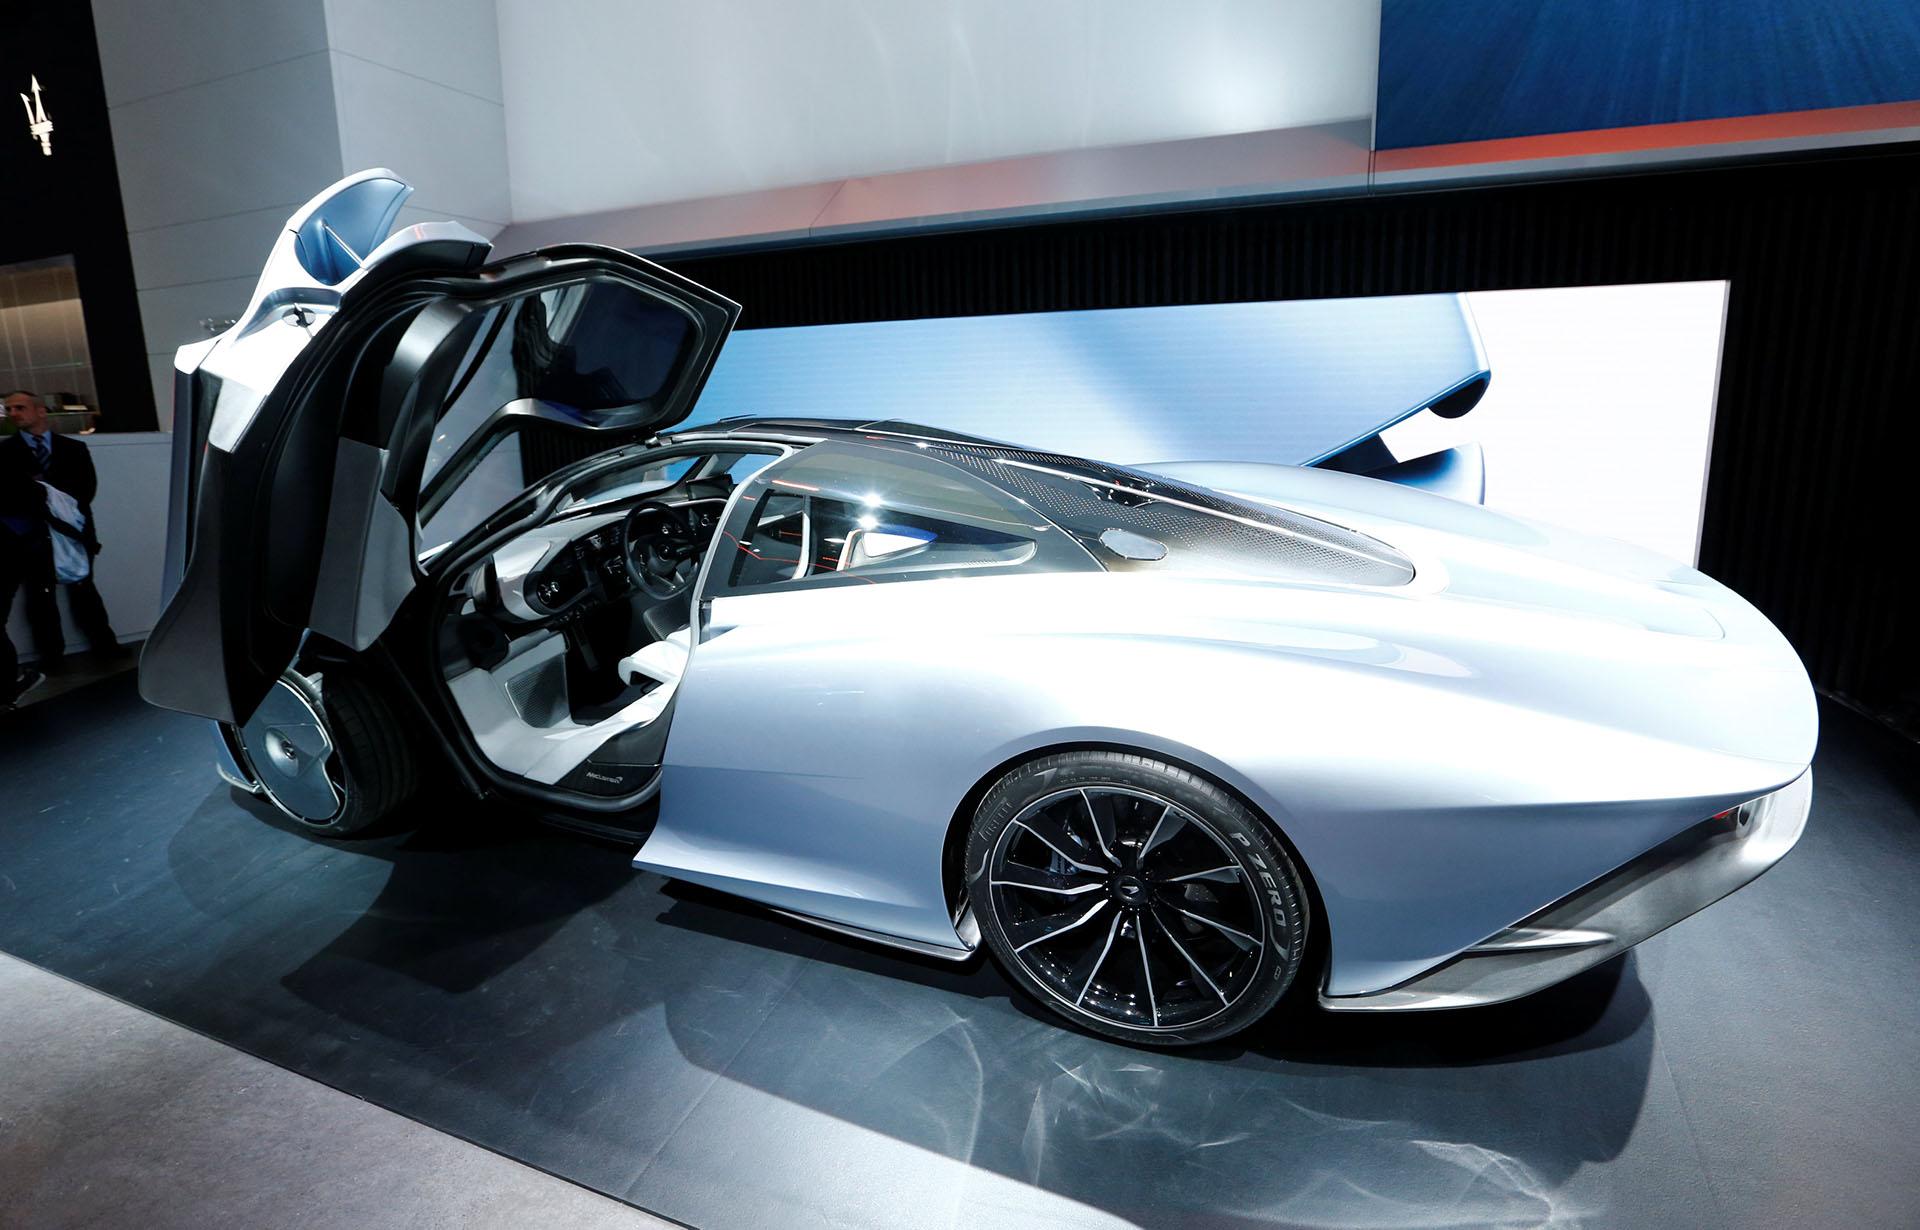 El hypercar híbrido McLaren Speedtail combina un V8 de doble turbo y un motor eléctrico de 308 hp para lograr un total de 1035 hp.